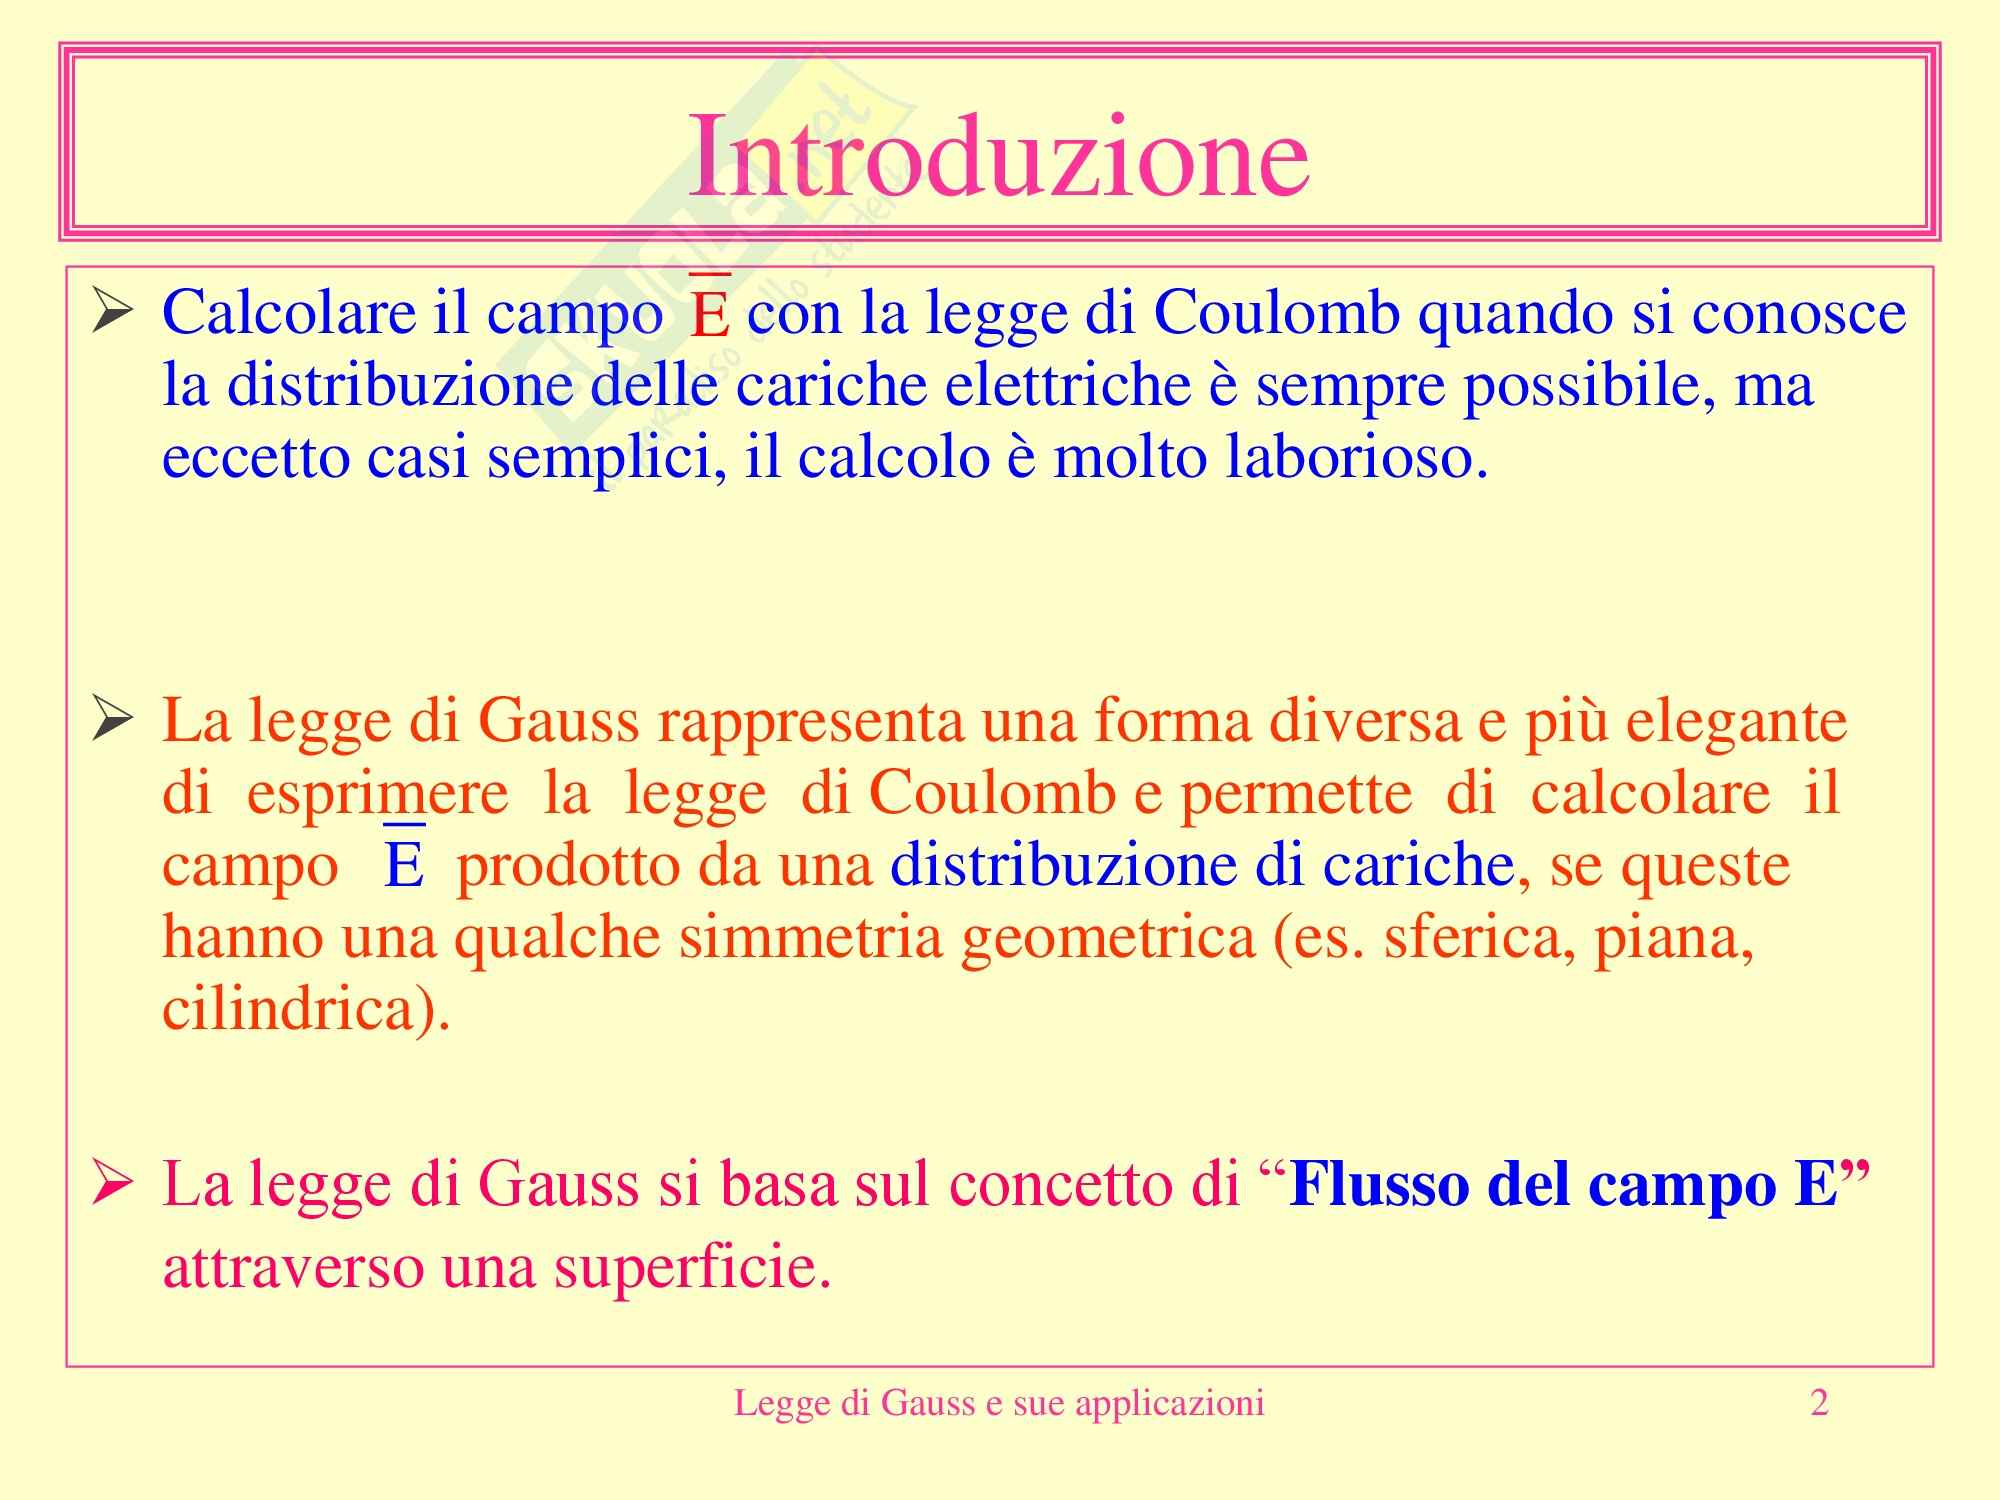 Fisica medica - Legge di Gauss Pag. 2